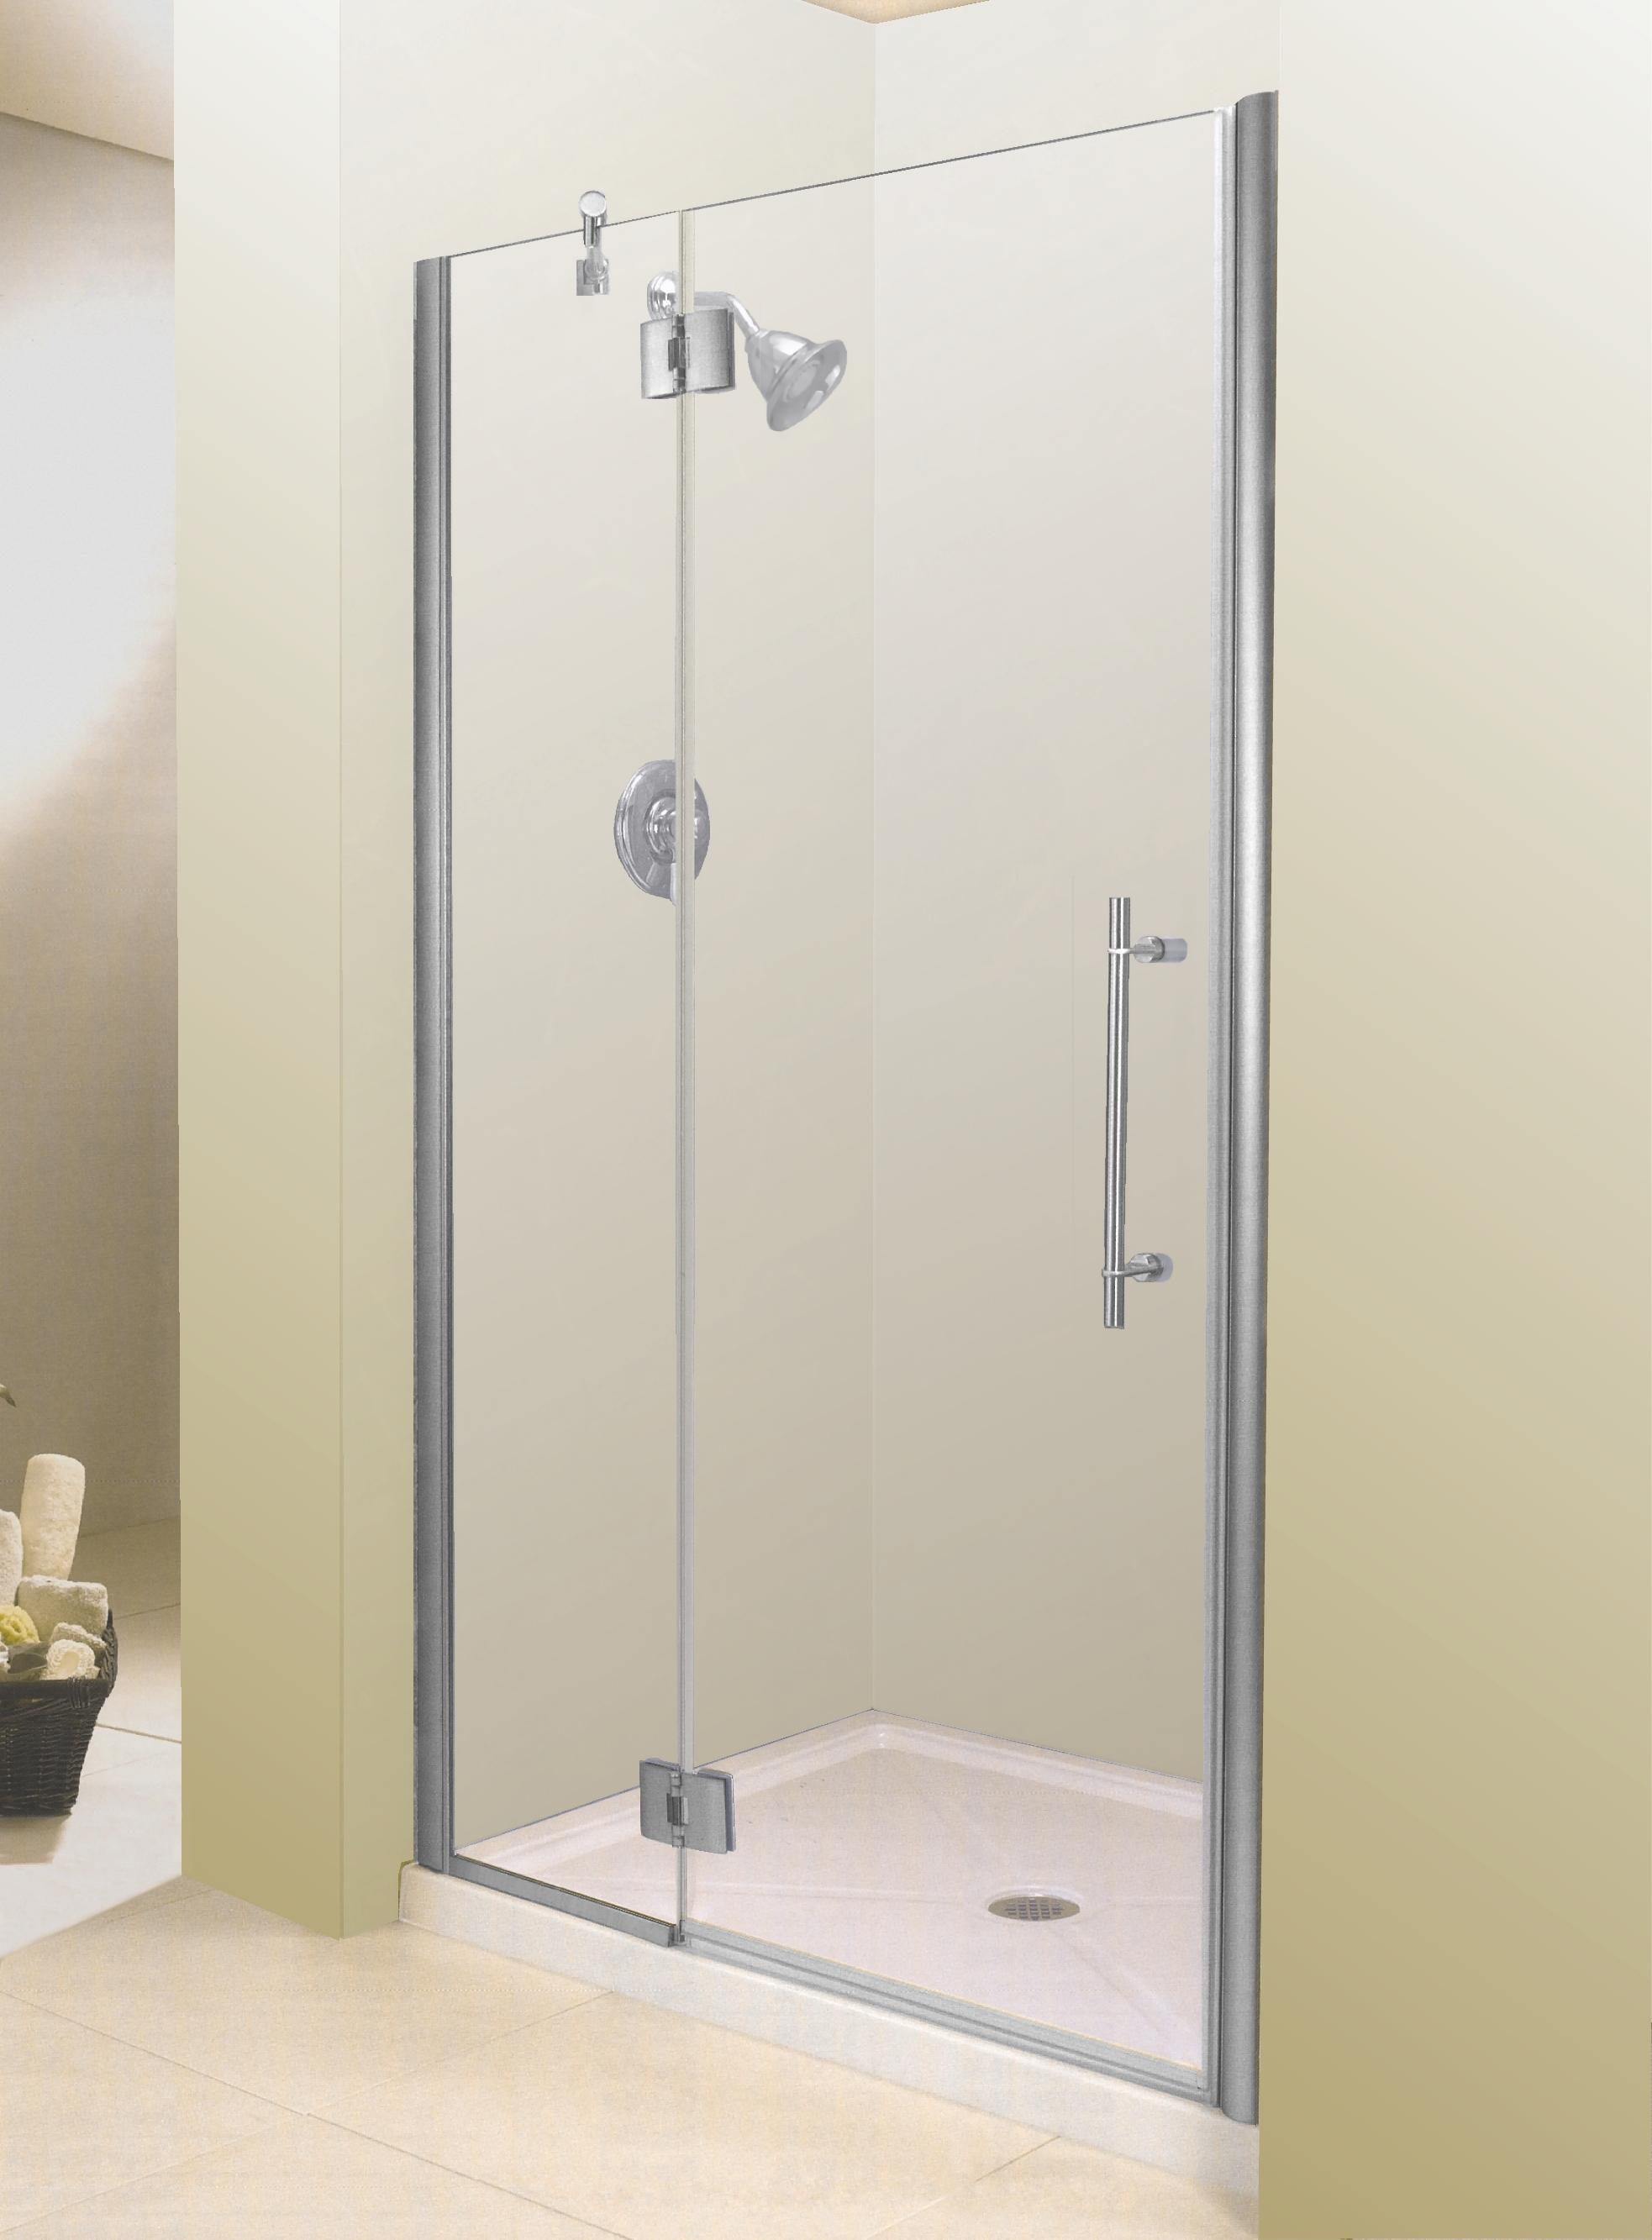 Hl Series Shower Doors Hy Line Shower Doors